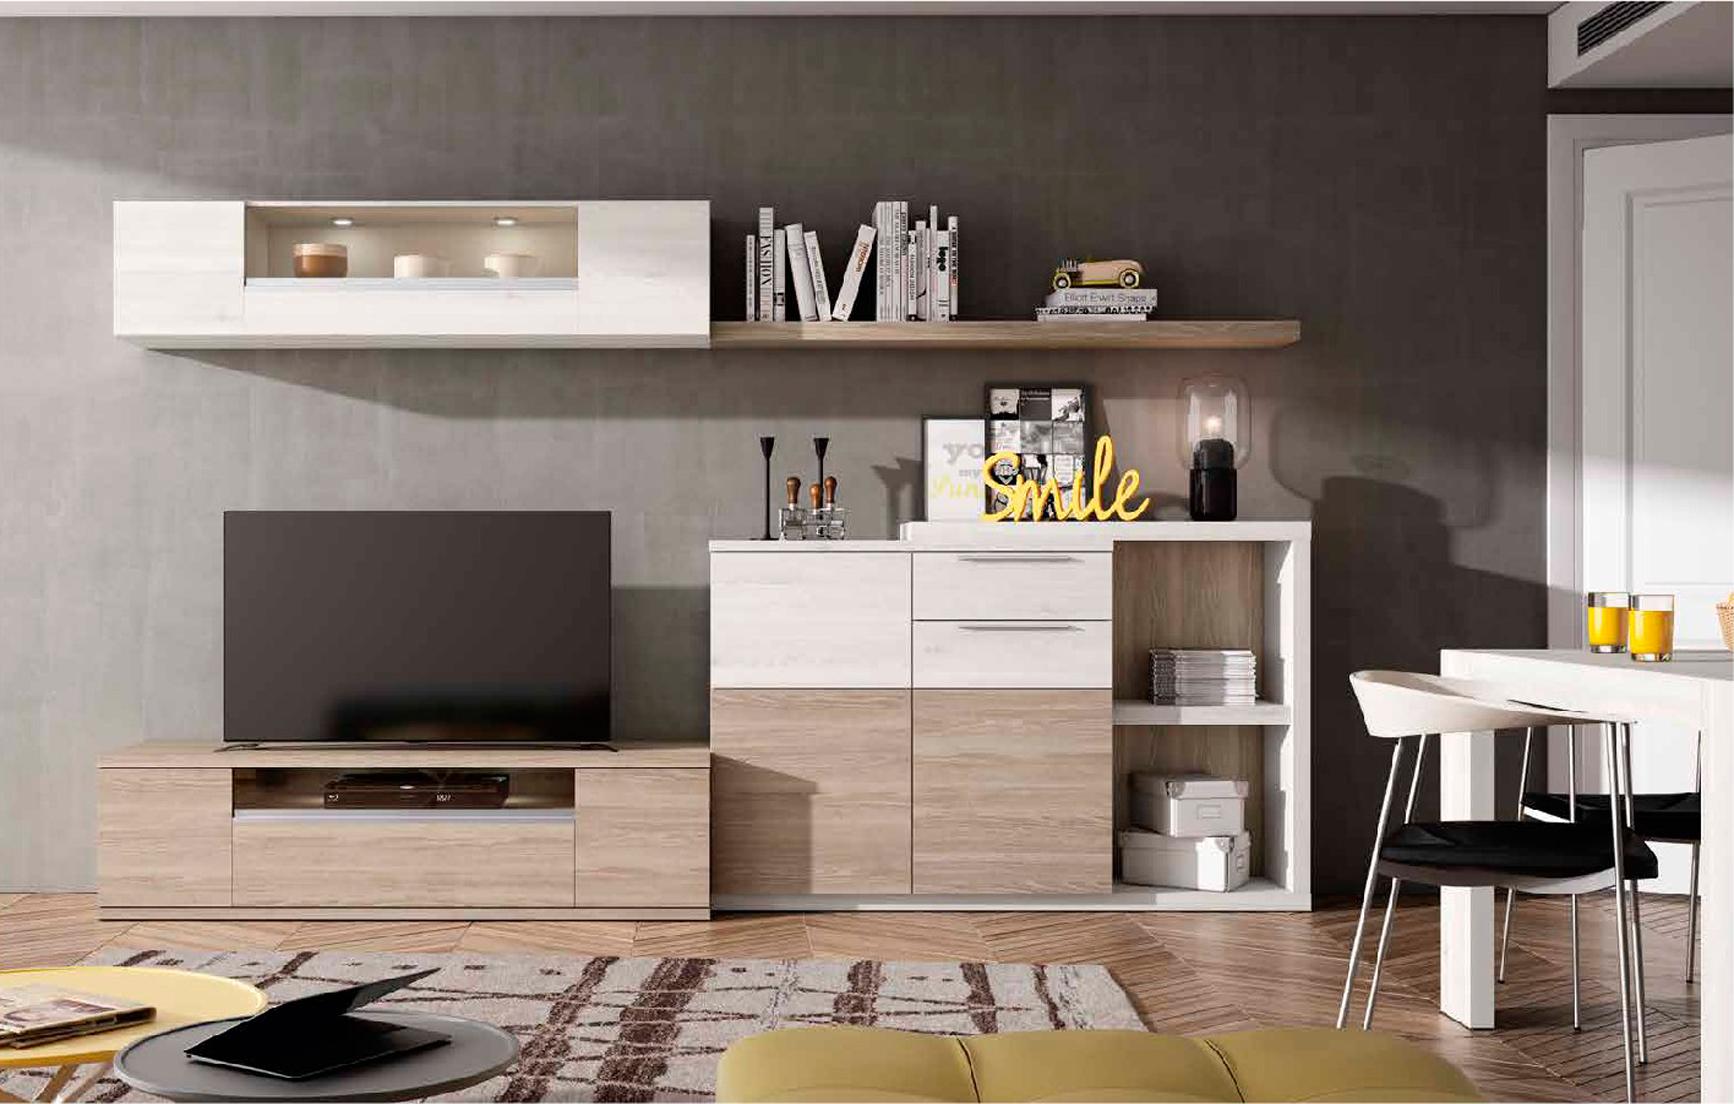 Mueble de Salón Blanco nordic y sable - Muebles Adama Tienda de ...